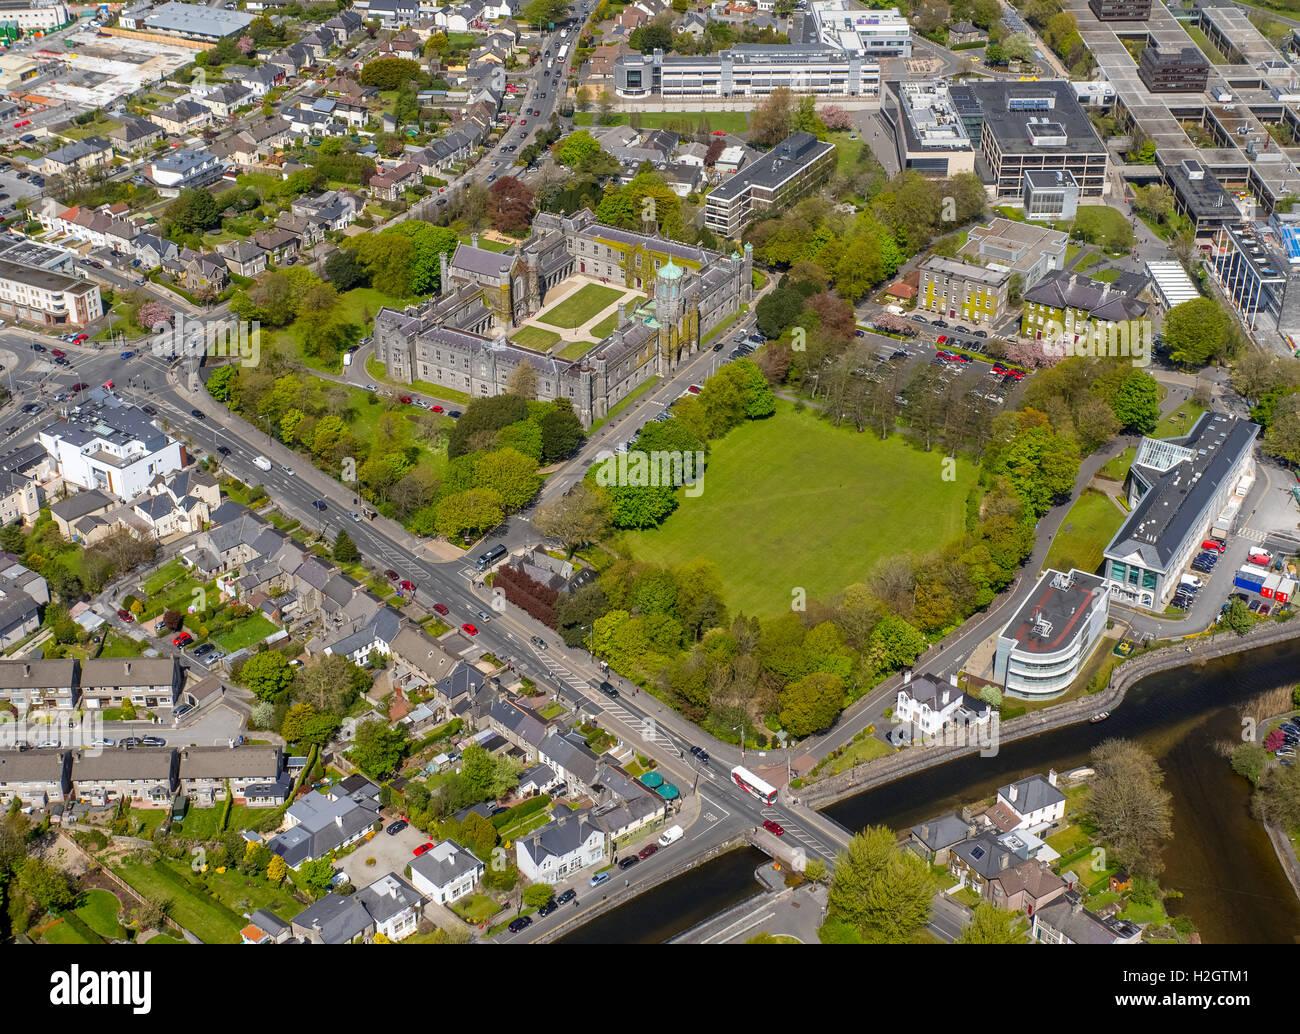 National University of Ireland, NUI, campus, quadrangle, Galway, County Clare, Ireland - Stock Image